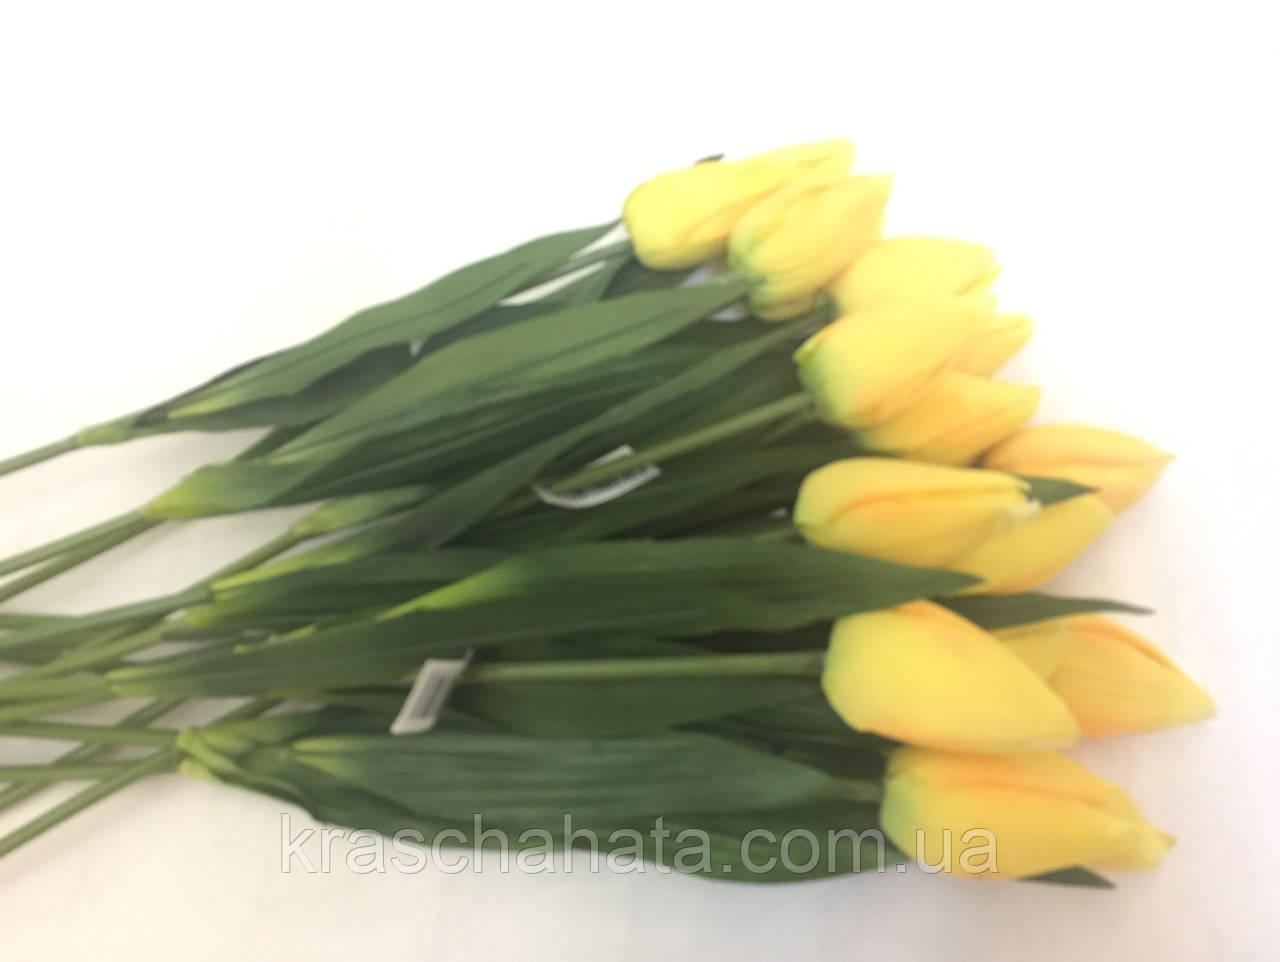 Цветок искусственный, Тюльпан желтый, H56 см, Искусственные цветы, Днепр